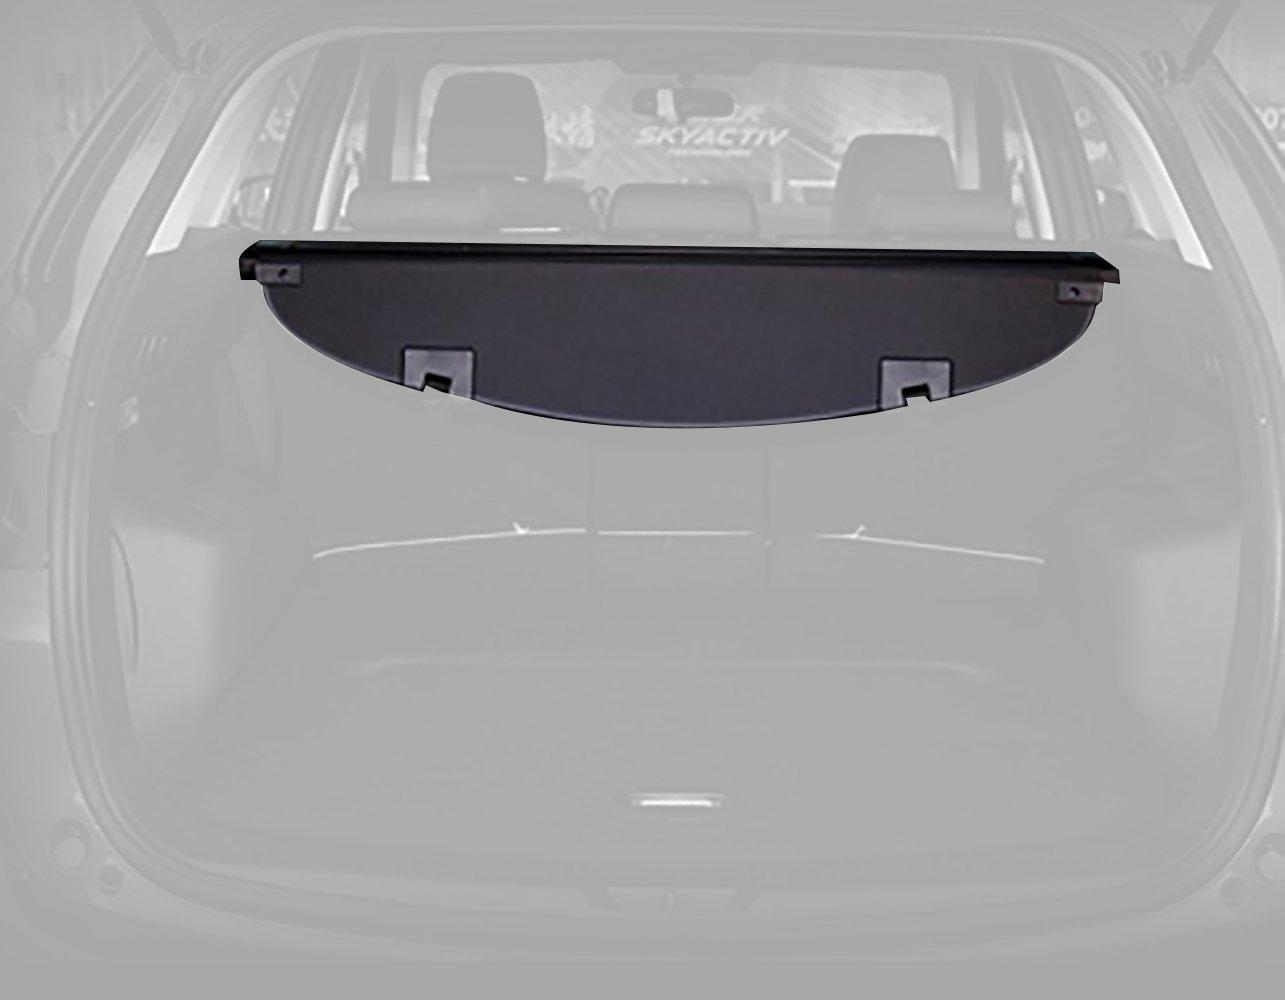 caartonn Cargo cover for 2017 2018 Mazda CX-5 Trunk Retractable Cargo Luggage Security Shade Cover Shield Black